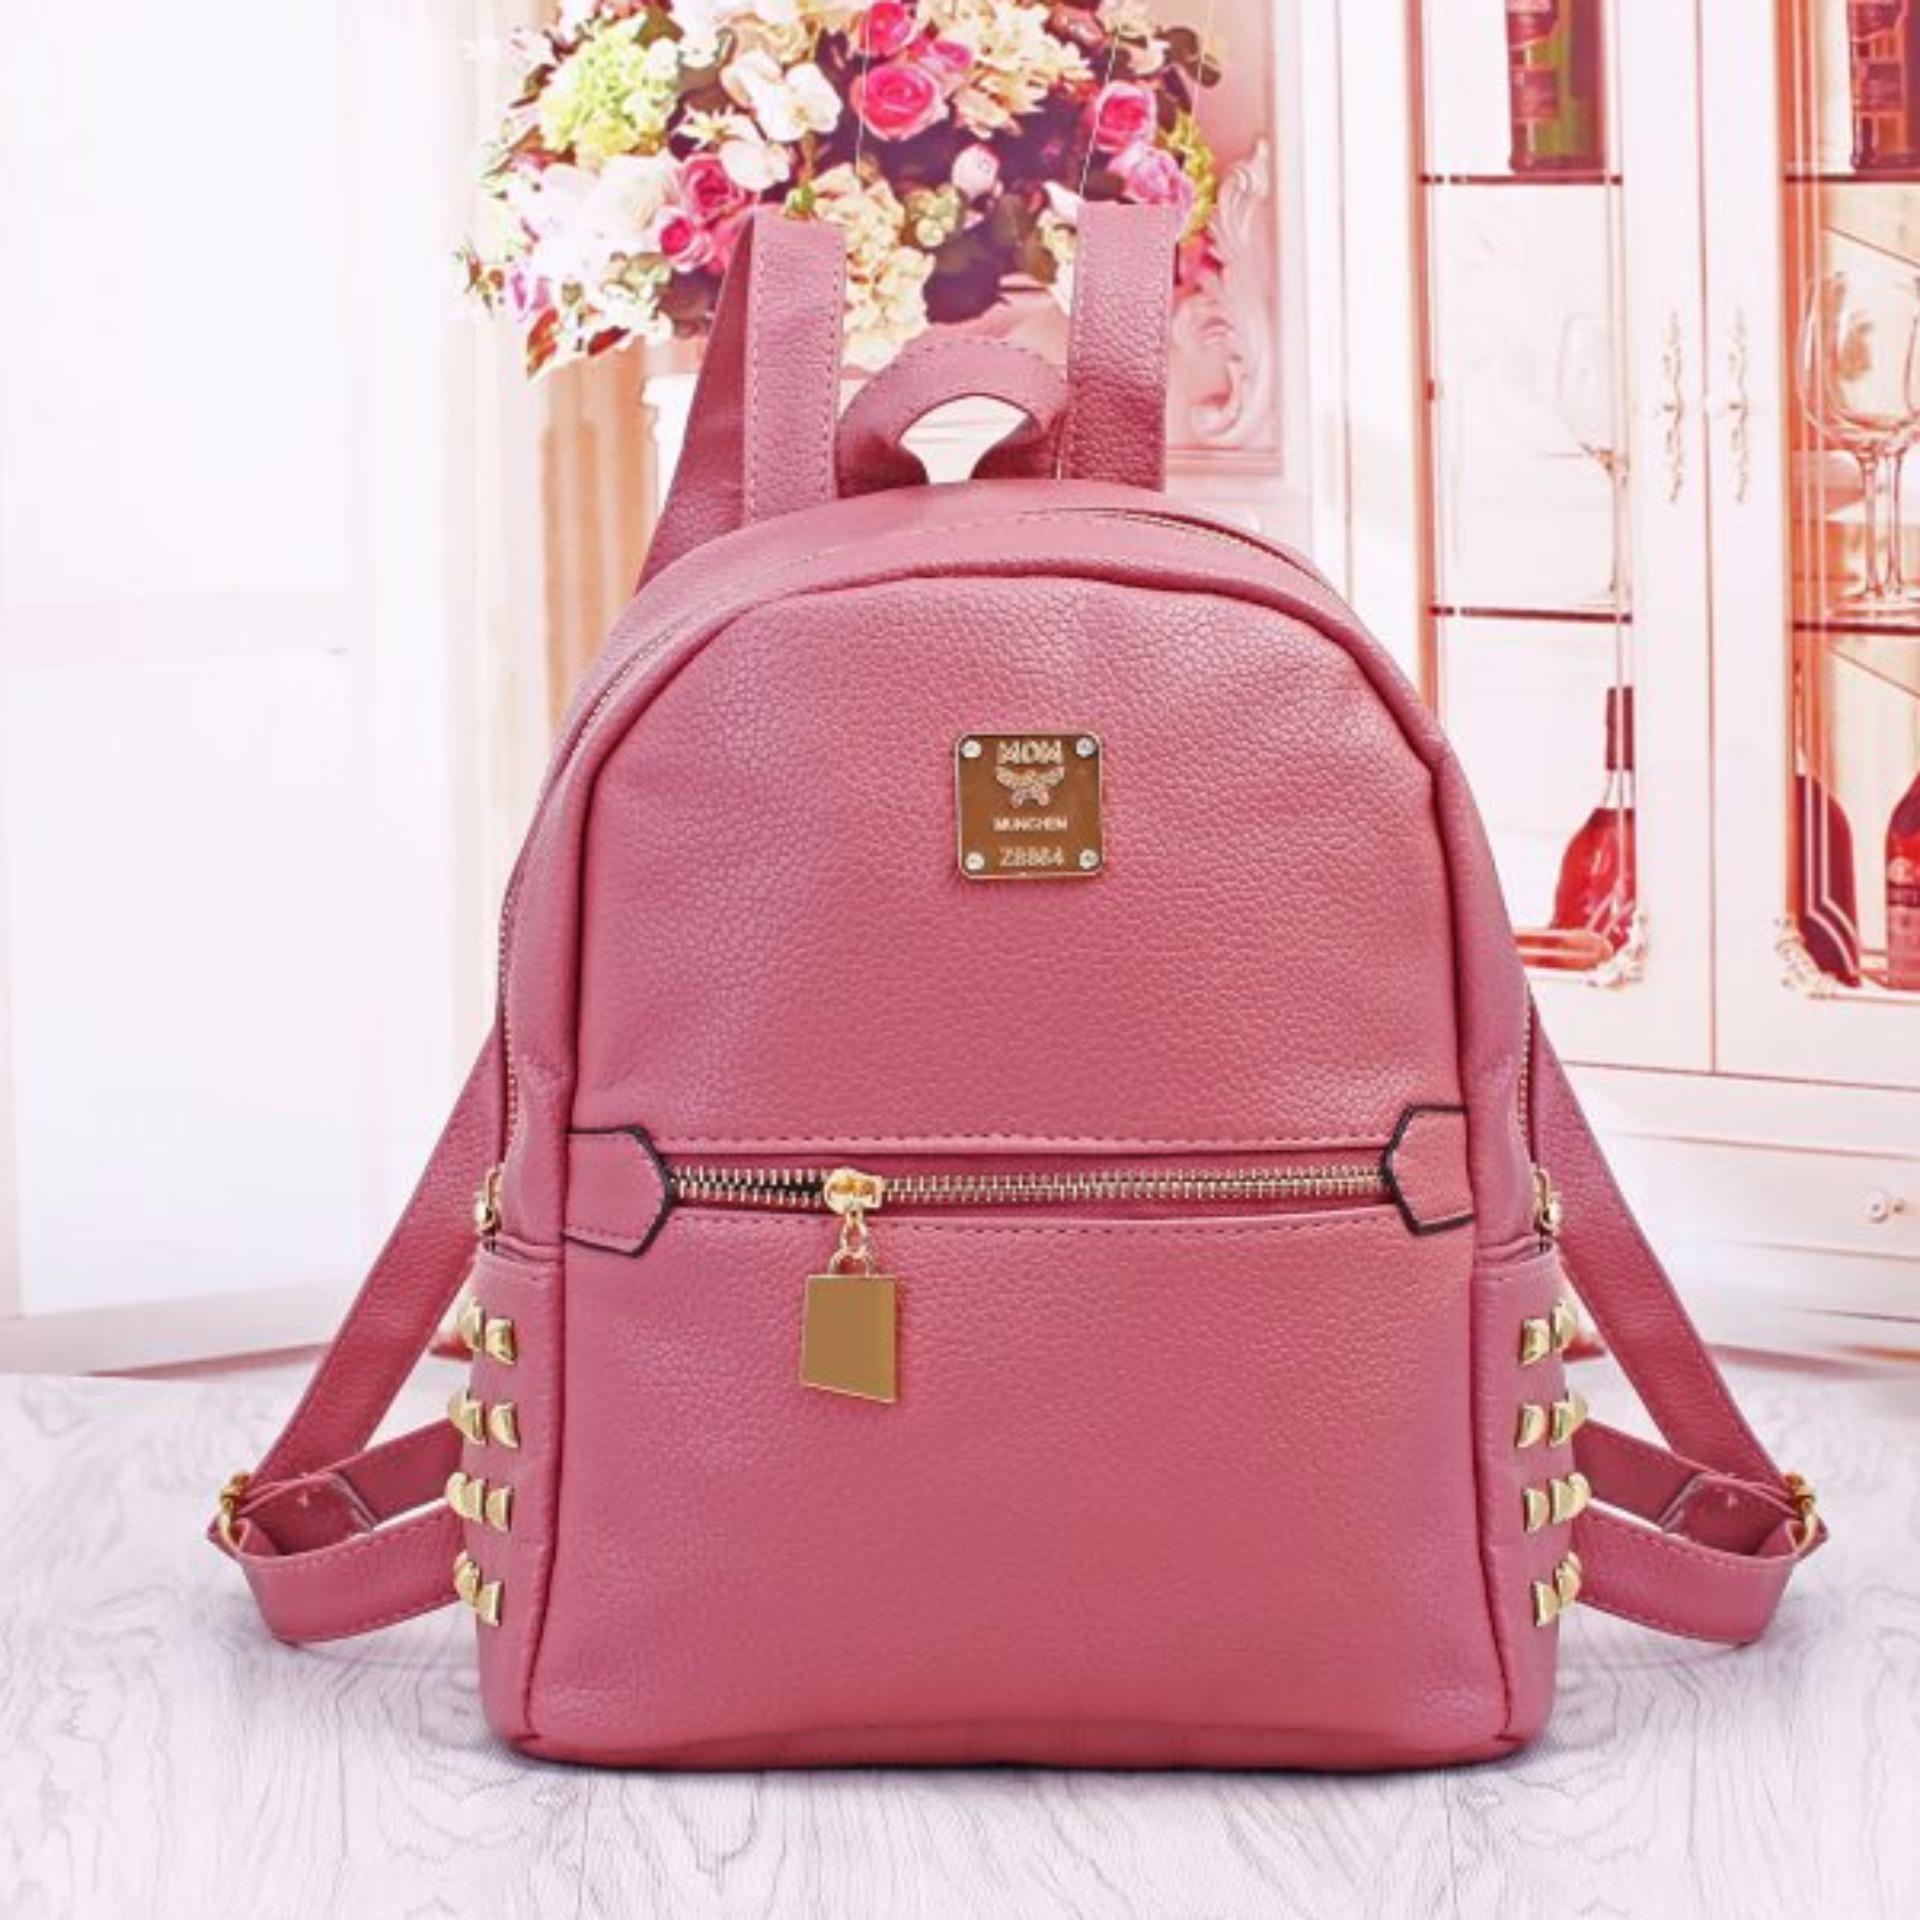 Harga Tacanra Bag 21841 Pink Online Dki Jakarta